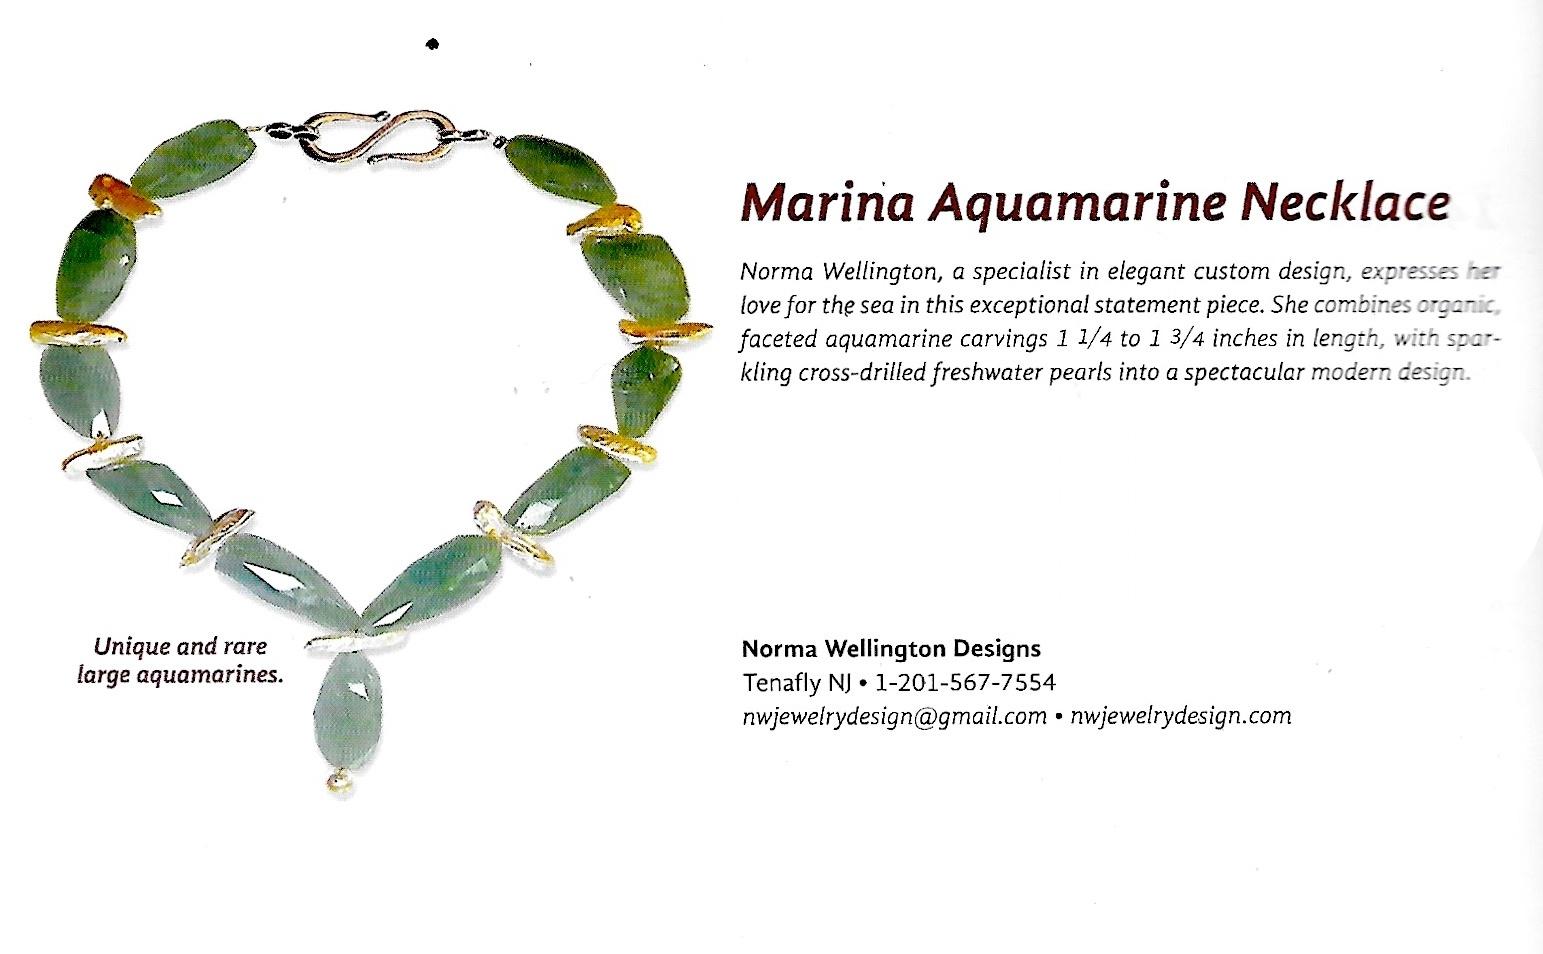 Aquamarine necklace from magazine.jpg